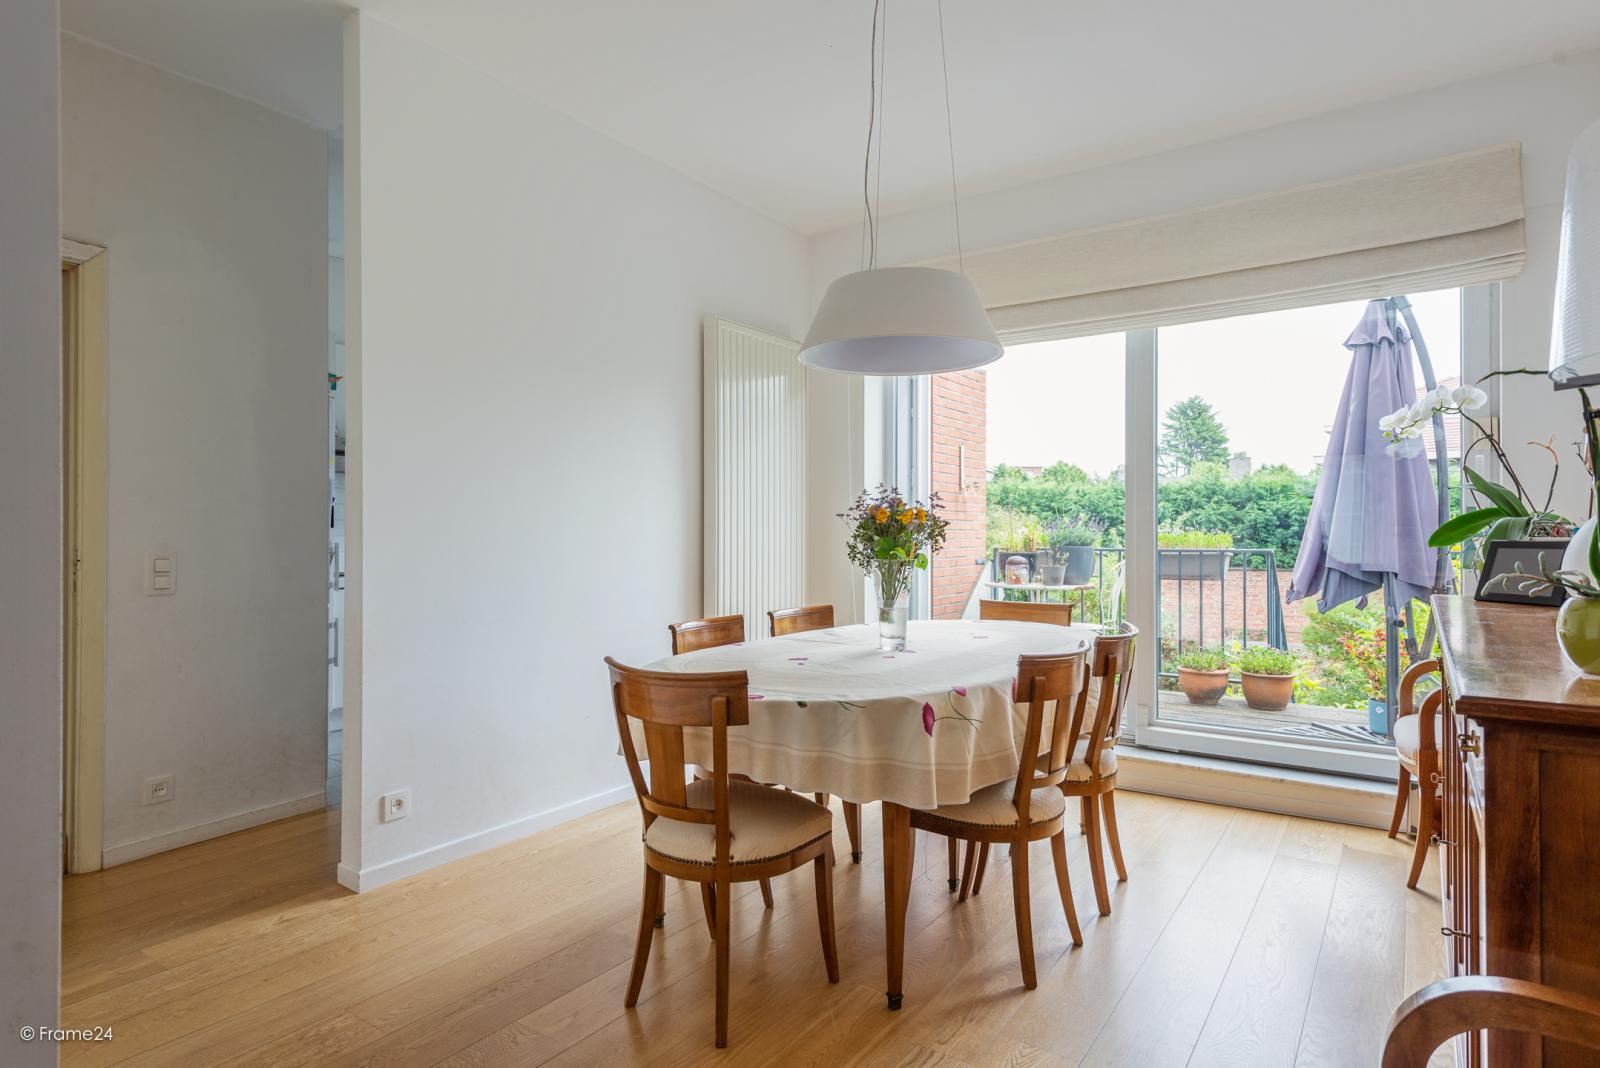 Zeer ruime en volledig instapklare bel-étagewoning met 4 slaapkamers te Wilrijk! afbeelding 7